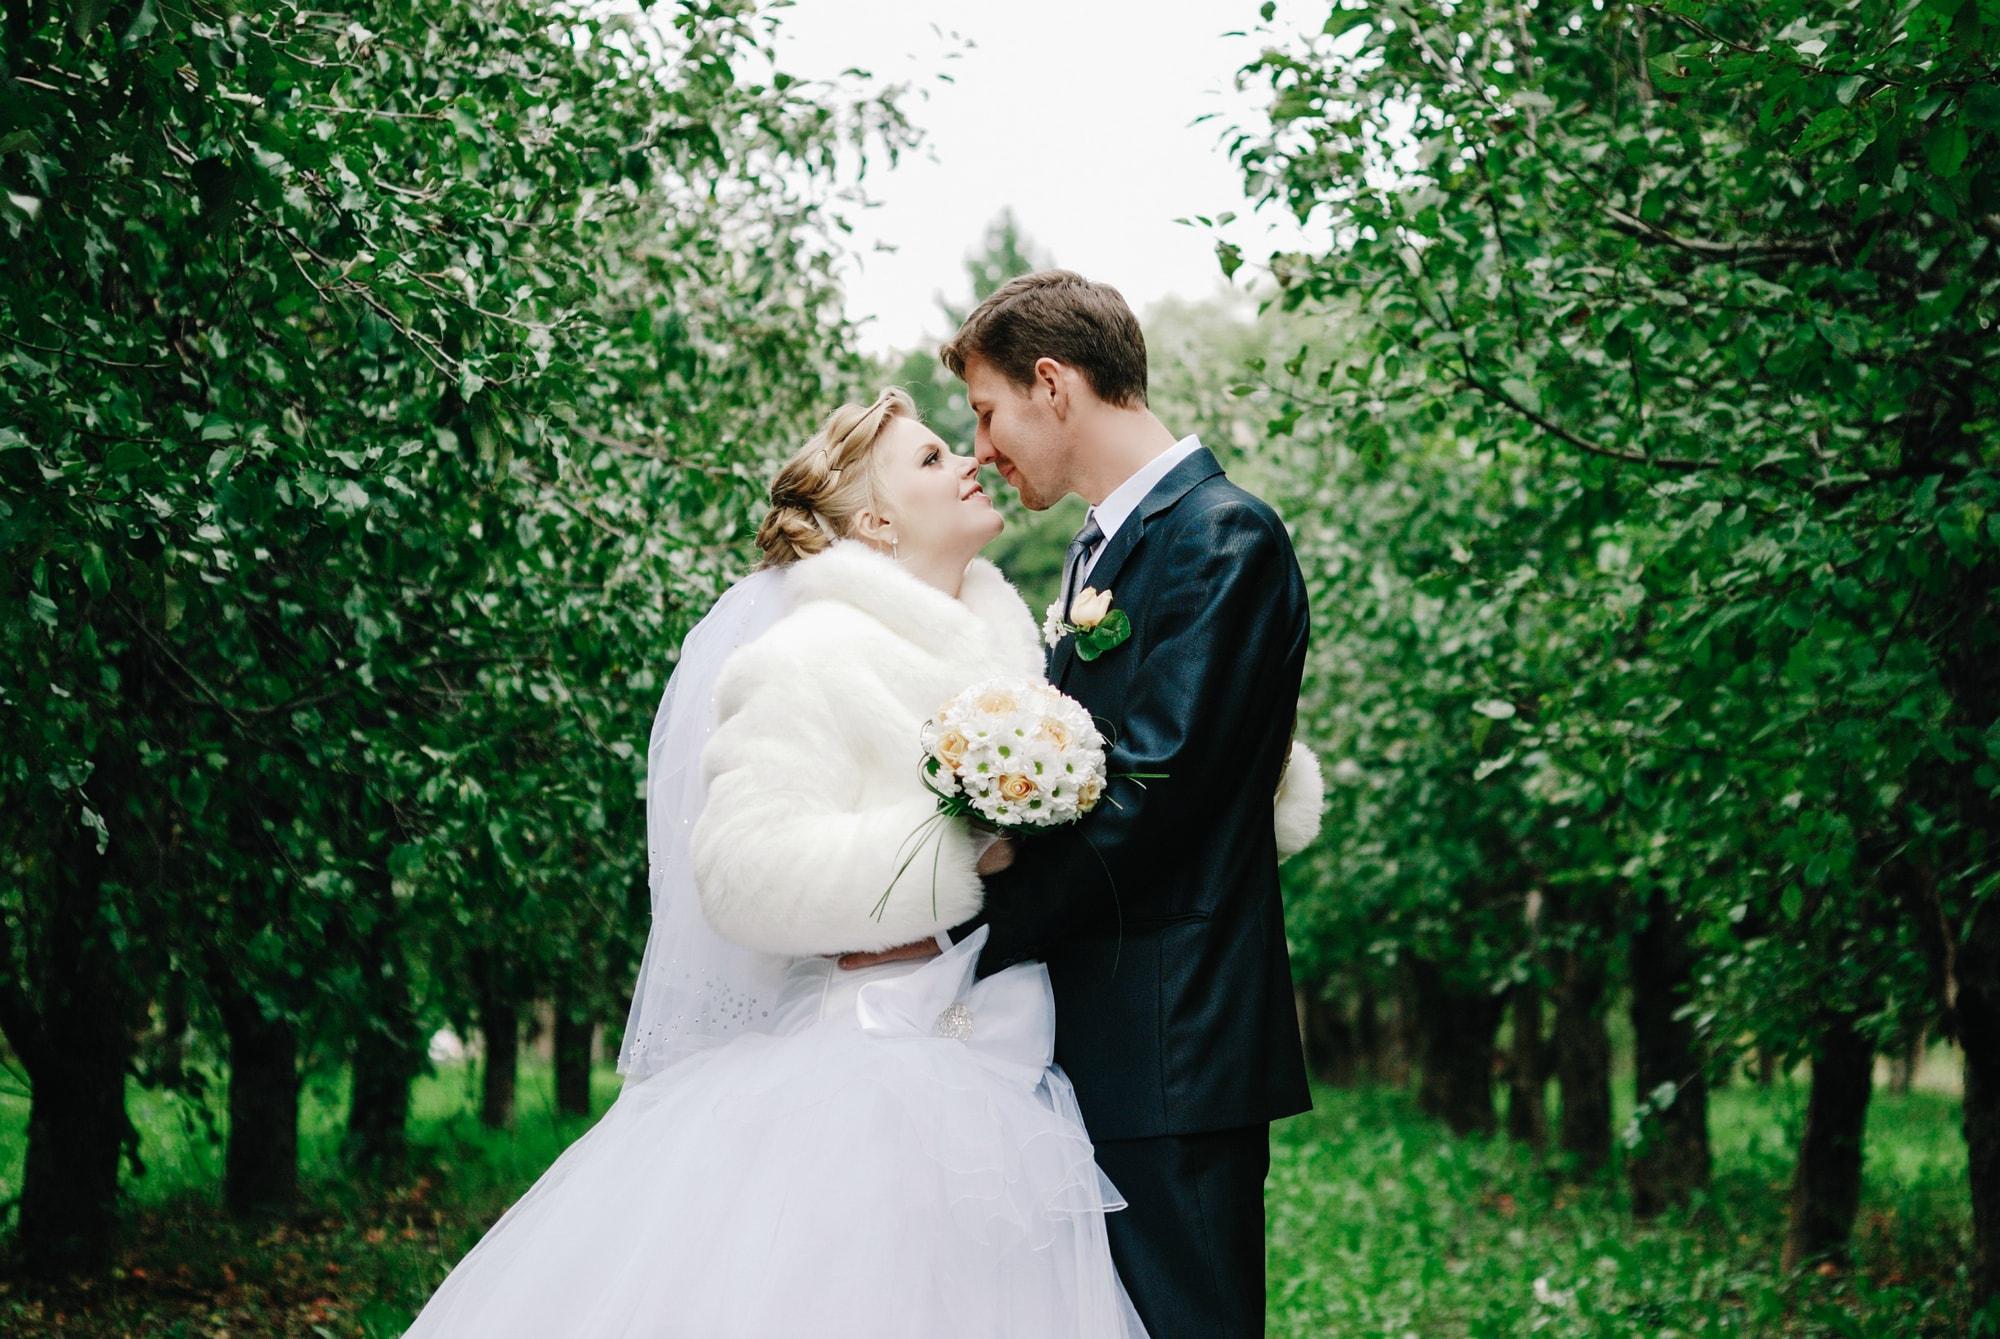 Фотография невесты и жениха - Фотограф Киев - Женя Лайт